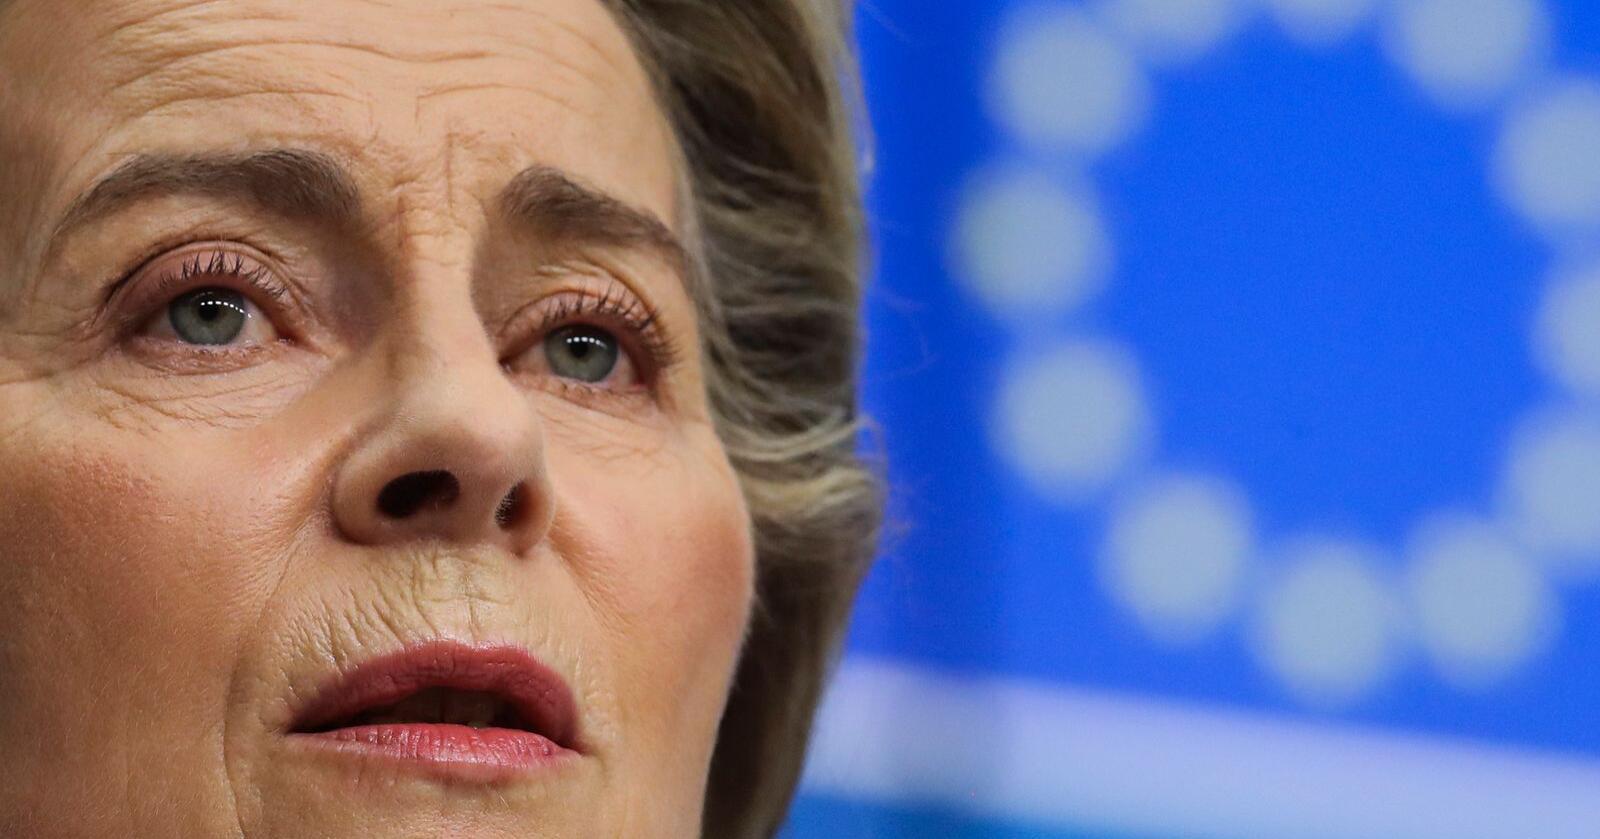 EU-kommisjonens president Ursula von der Leyen uttrykker glede etter å ha snakket med USAs president Joe Biden i telefonen. De ble enige om å innstille tollstriden som har vart i 16 år. Arkivfoto: Olivier Hoslet, Pool via AP, Pool / AP / NTB